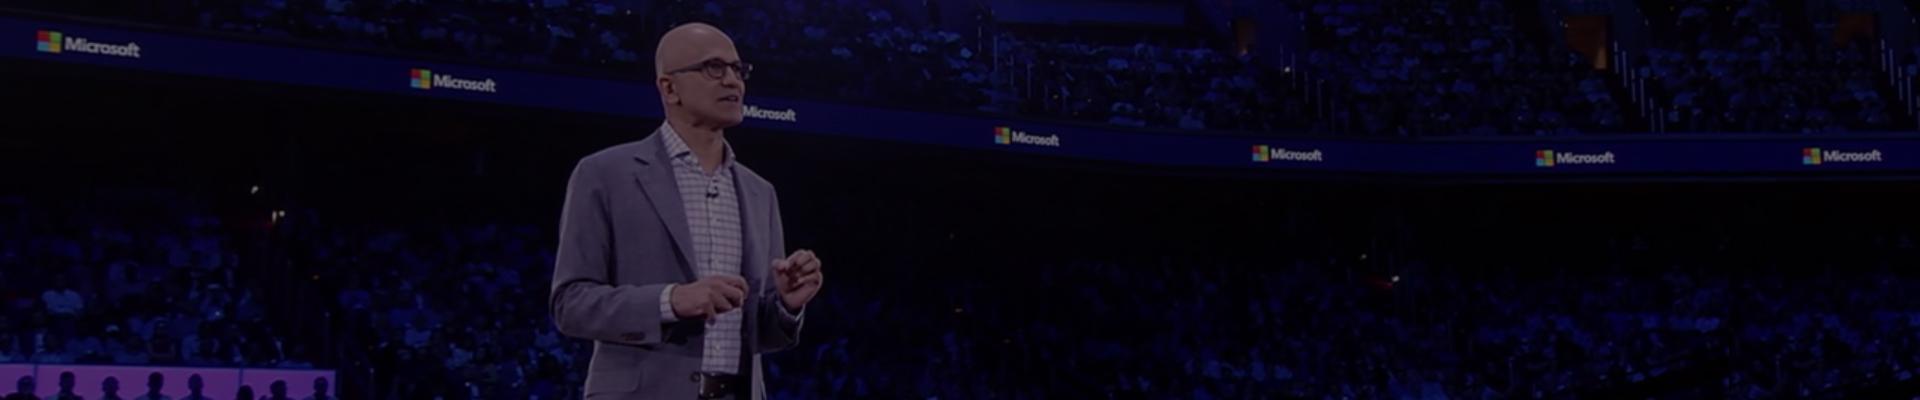 观看 Satya 发布 Microsoft 365 公告的视频